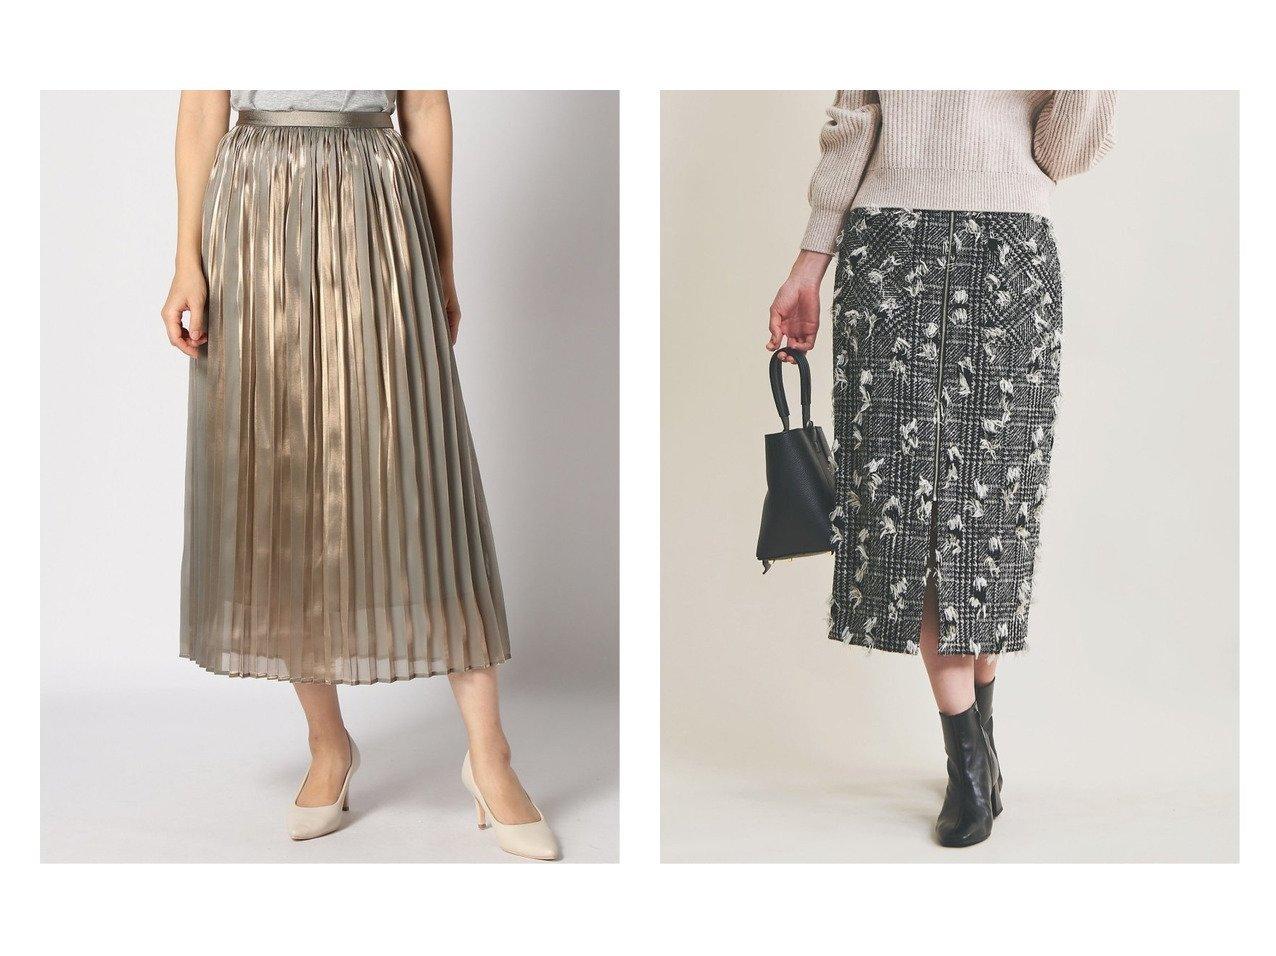 【The Virgnia/ザ ヴァージニア】のカットラメツイードスカート&【NOBLE / Spick & Span/ノーブル / スピック&スパン】のシャイニーシャンブレープリーツSK スカートのおすすめ!人気トレンド・レディースファッションの通販 おすすめで人気のファッション通販商品 インテリア・家具・キッズファッション・メンズファッション・レディースファッション・服の通販 founy(ファニー) https://founy.com/ ファッション Fashion レディース WOMEN スカート Skirt プリーツスカート Pleated Skirts A/W 秋冬 Autumn &  Winter ギャザー サテン シャイニー シャンブレー ブライト プリーツ 冬 Winter カットジャガード スリット タイトスカート チェック |ID:crp329100000007264